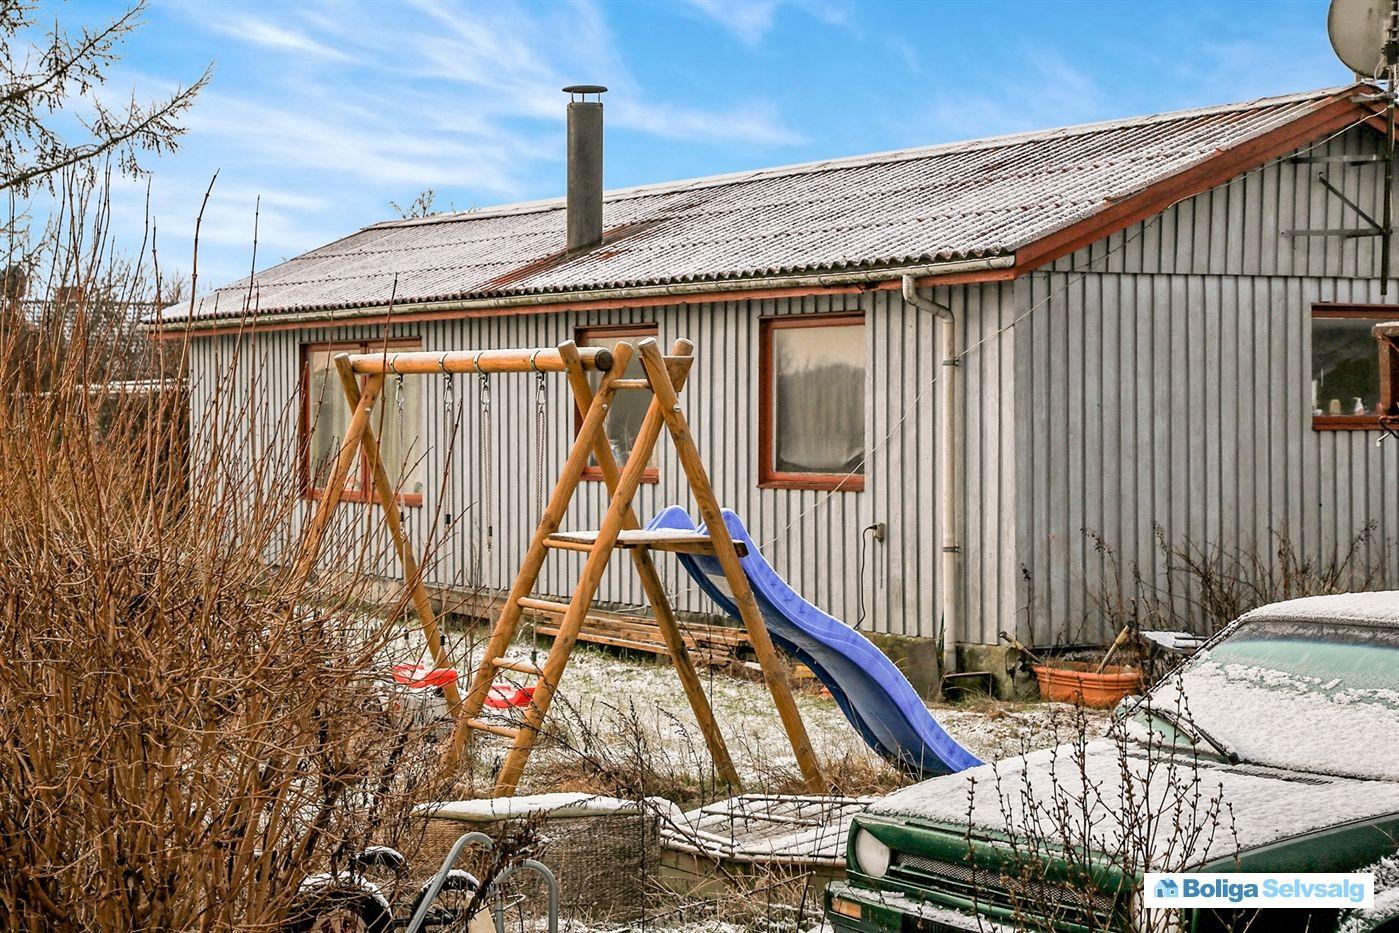 Pilekrogen 19, Løgtved, 4470 Svebølle - Charmerende træhus omgivet af søer #villa #svebølle #selvsalg #boligsalg #boligdk